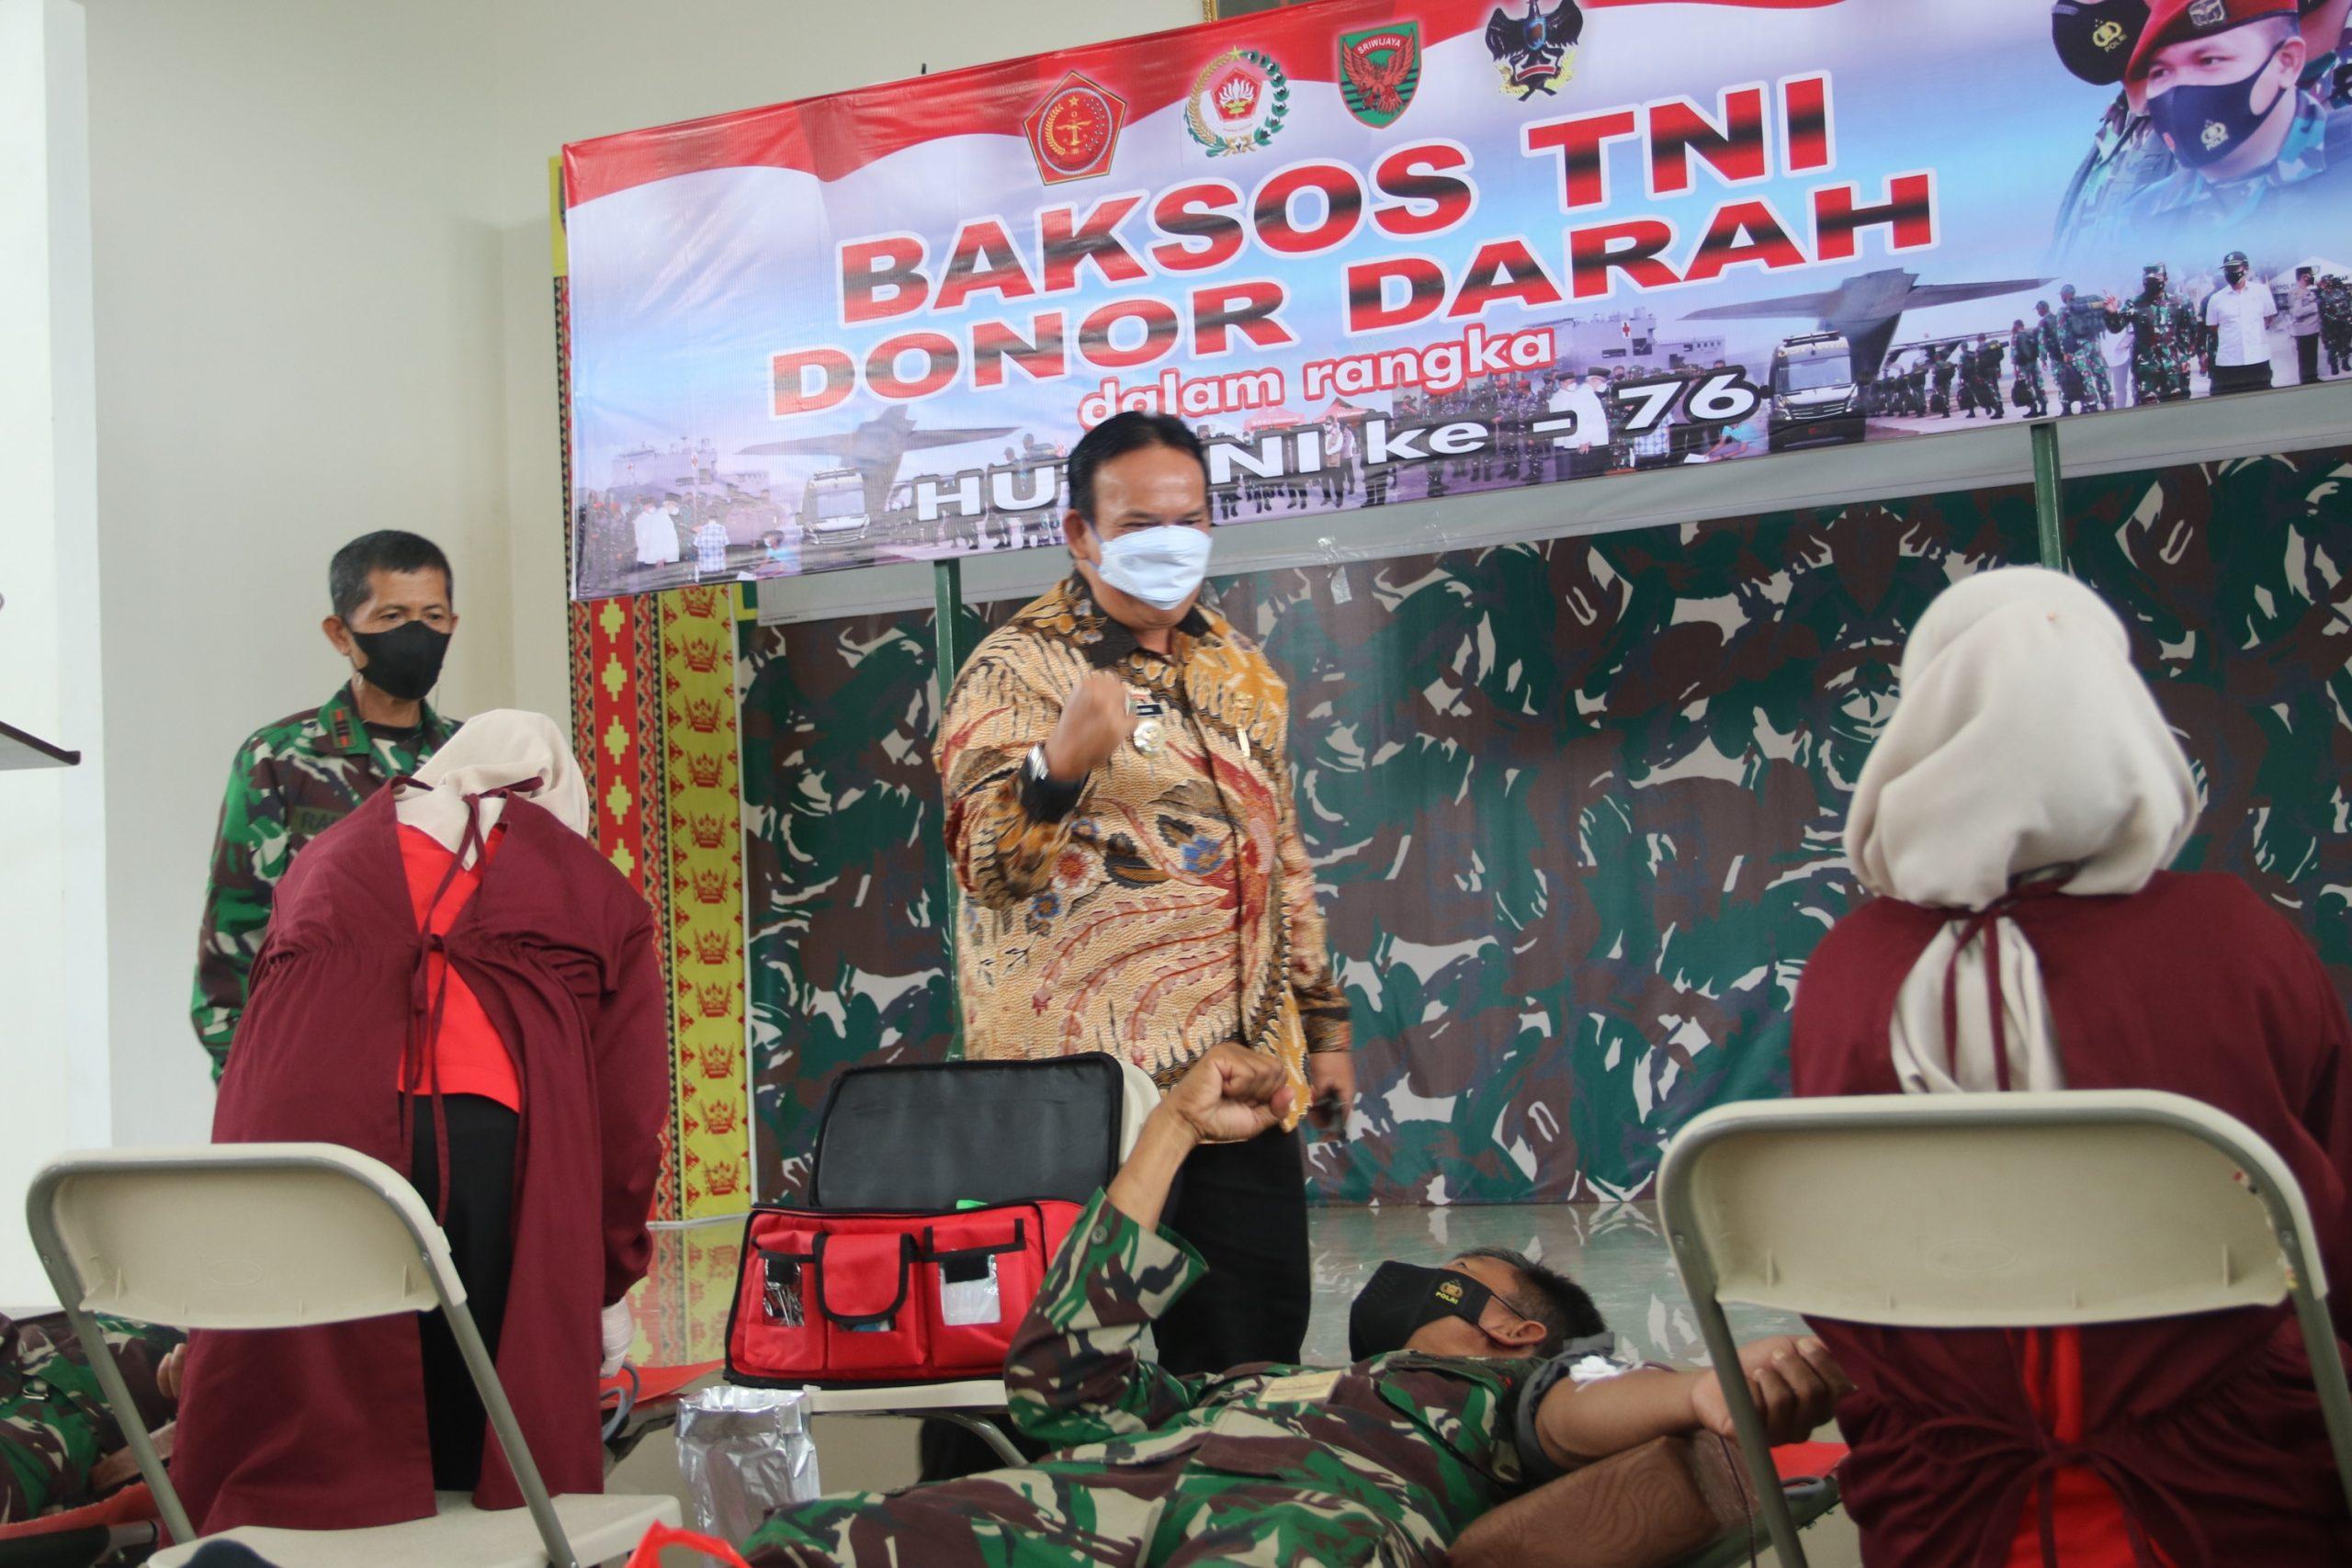 HUT TNI Ke-76Kodim 0429/Lamtim Gelar Bhaksos Donor Darah